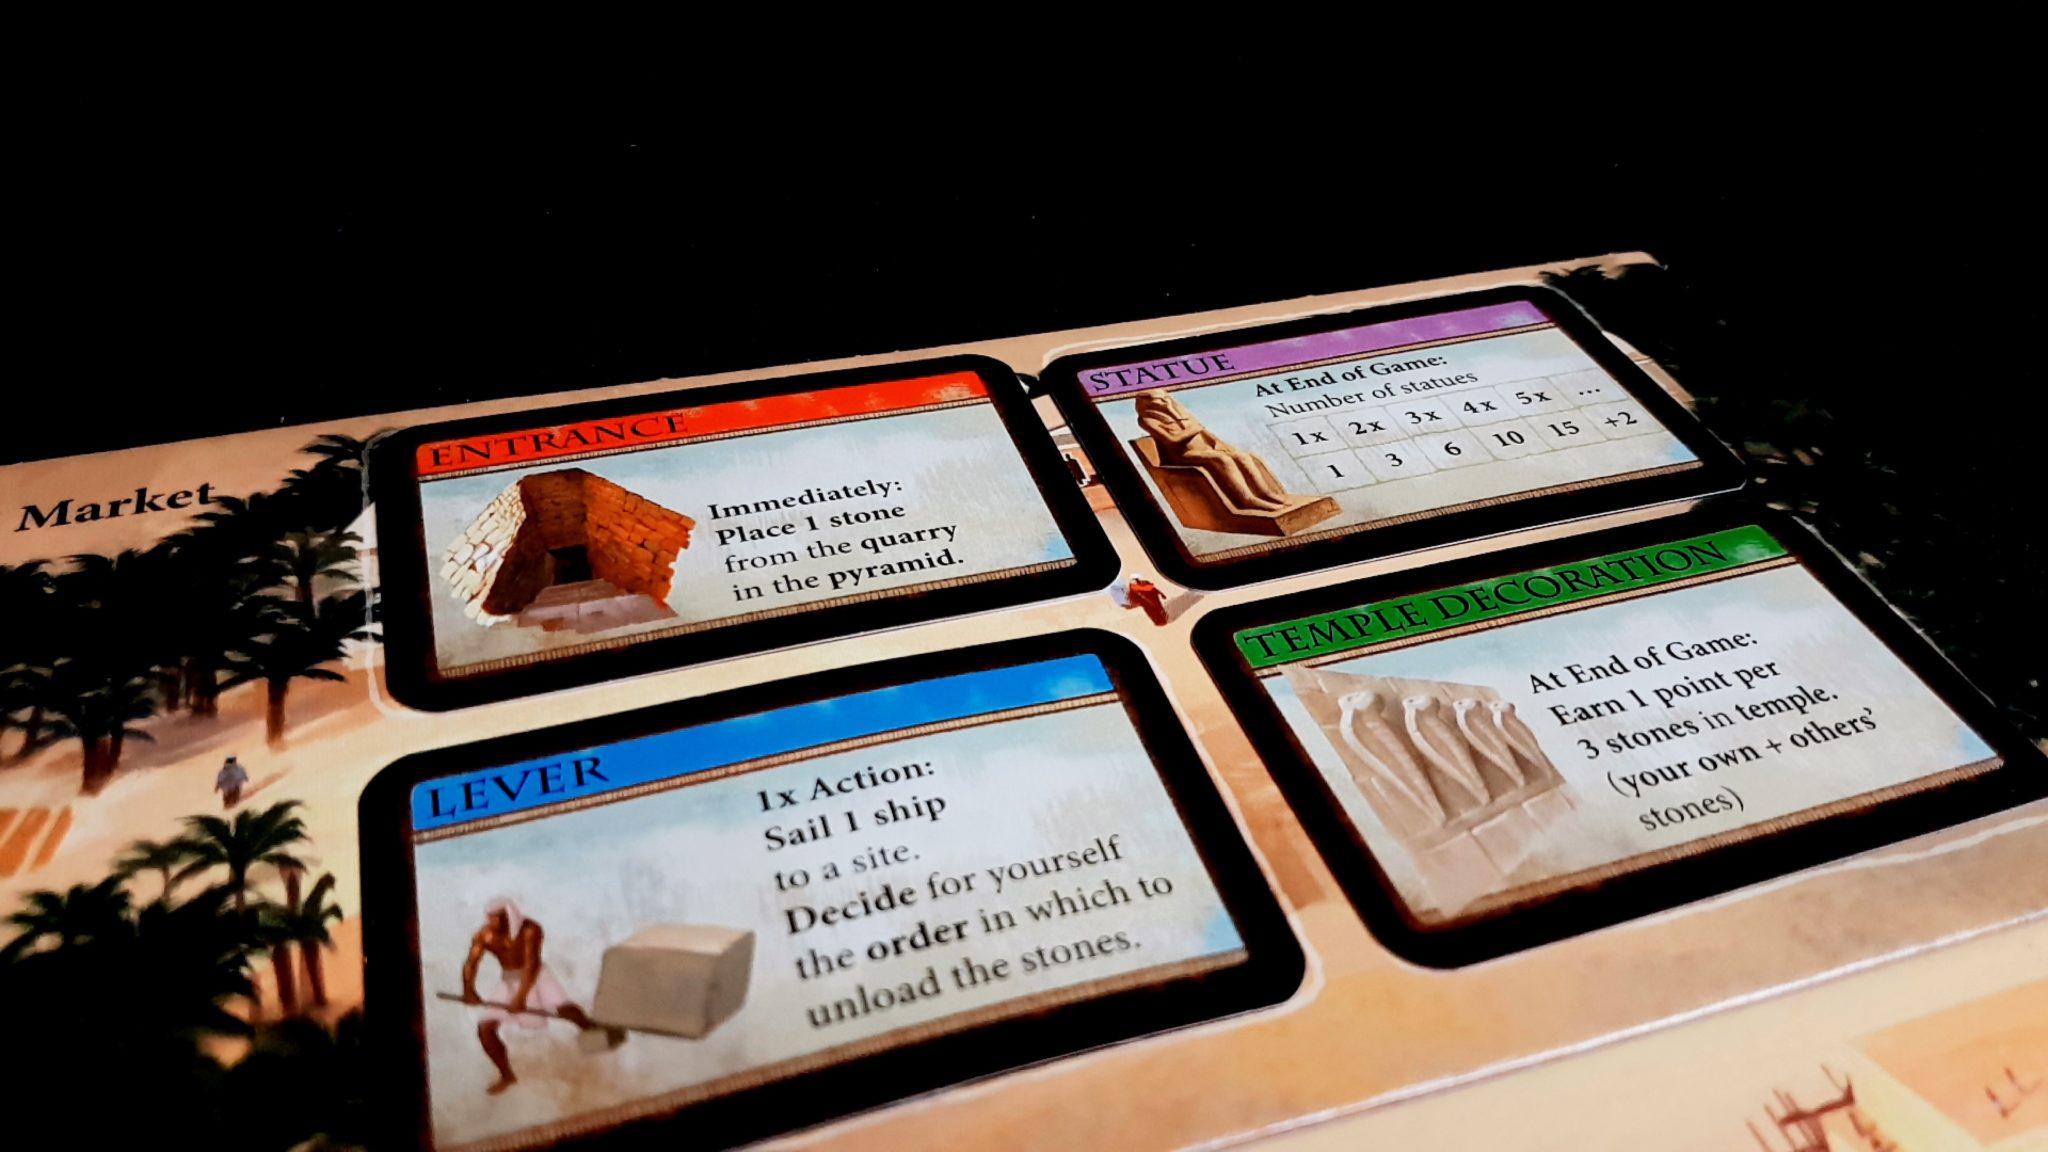 Imhotep marketplace